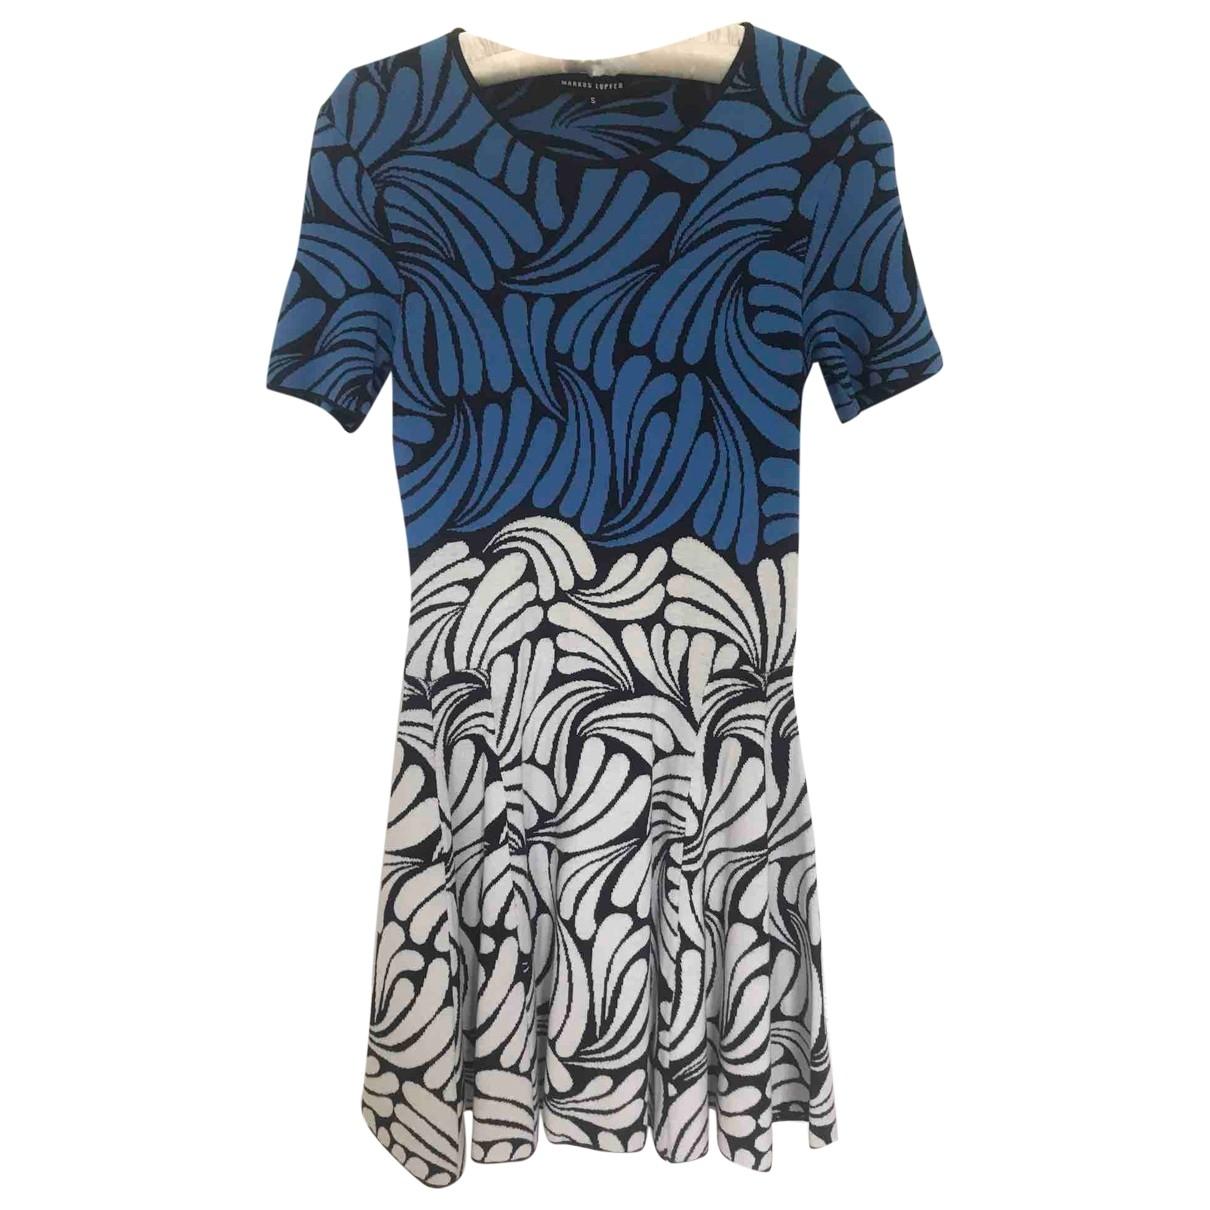 Markus Lupfer \N Blue dress for Women S International